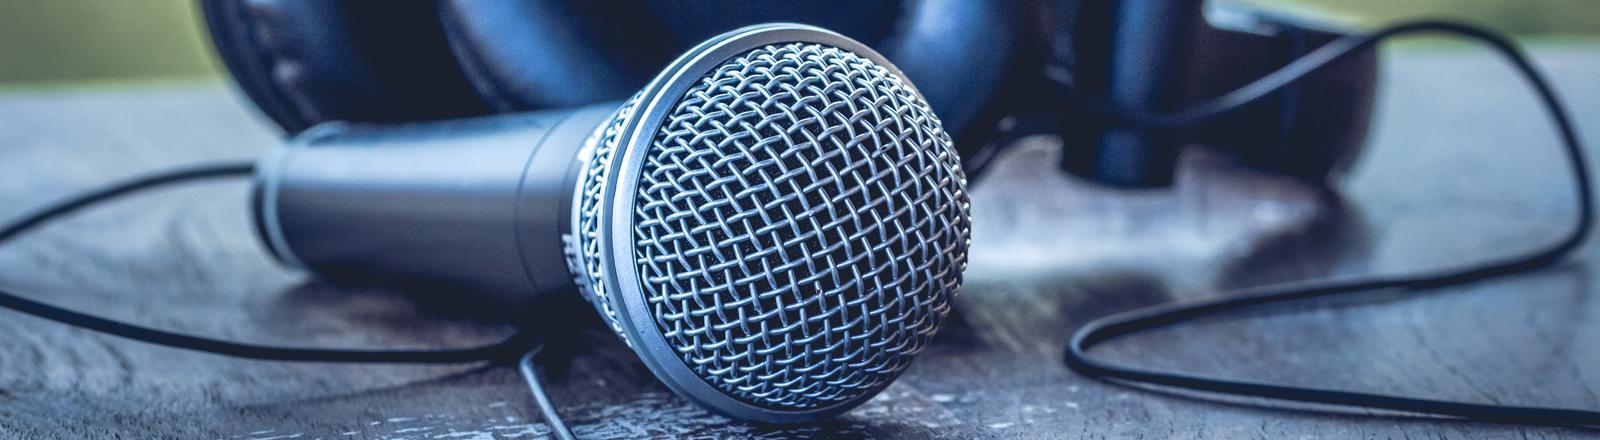 Mikrofon und Kopfhörer